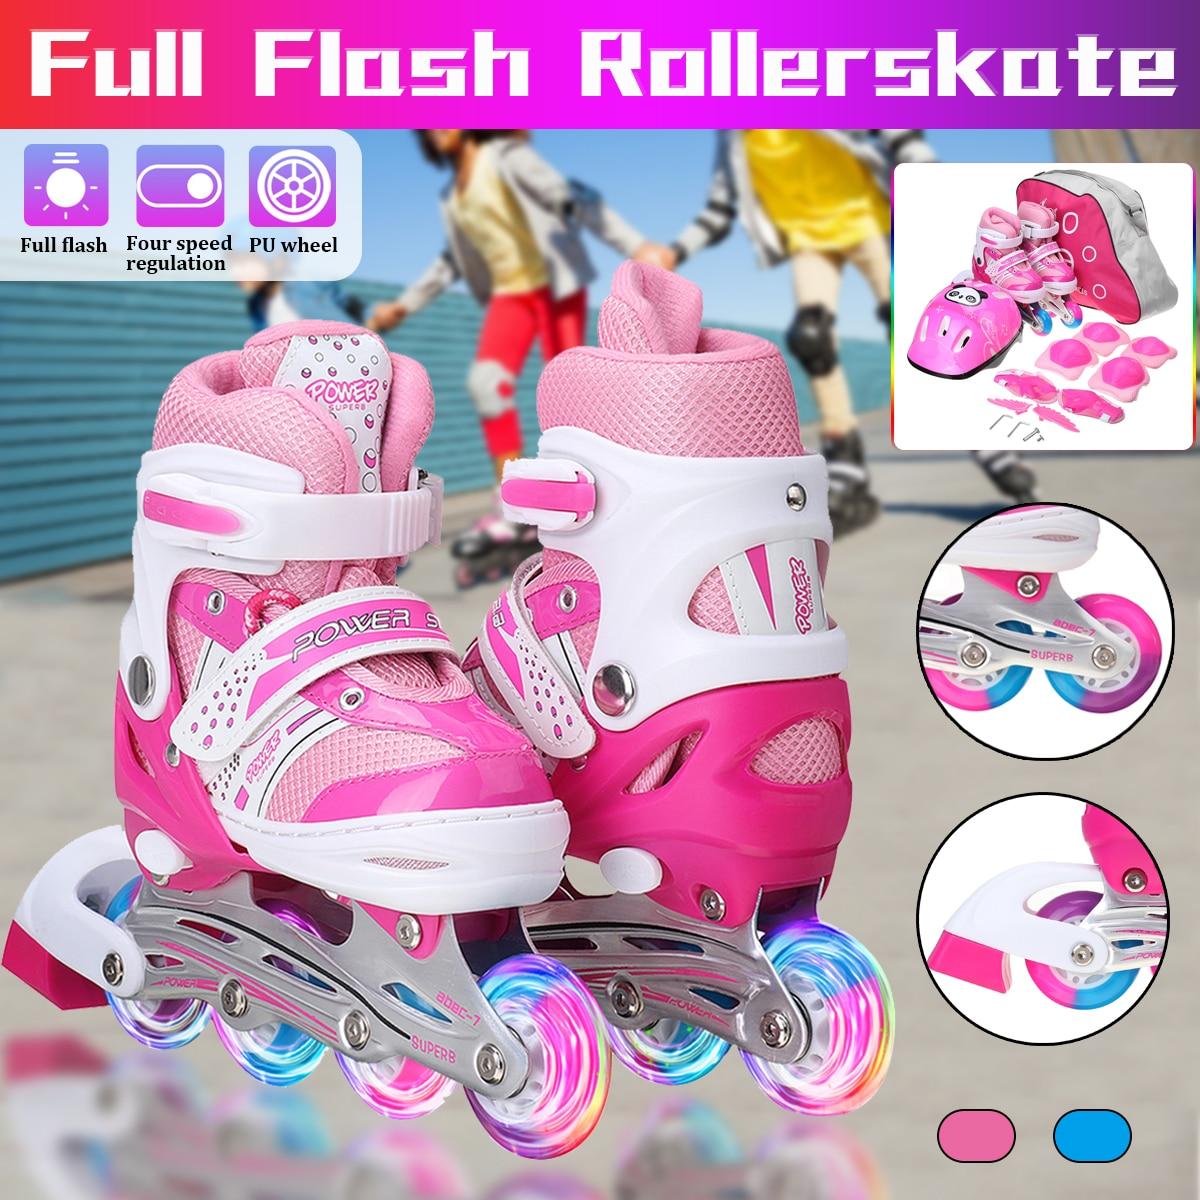 Детские регулируемые коньки, роликовые коньки для мальчиков и девочек, полный комплект, детские роликовые коньки, комбинированный комплект...